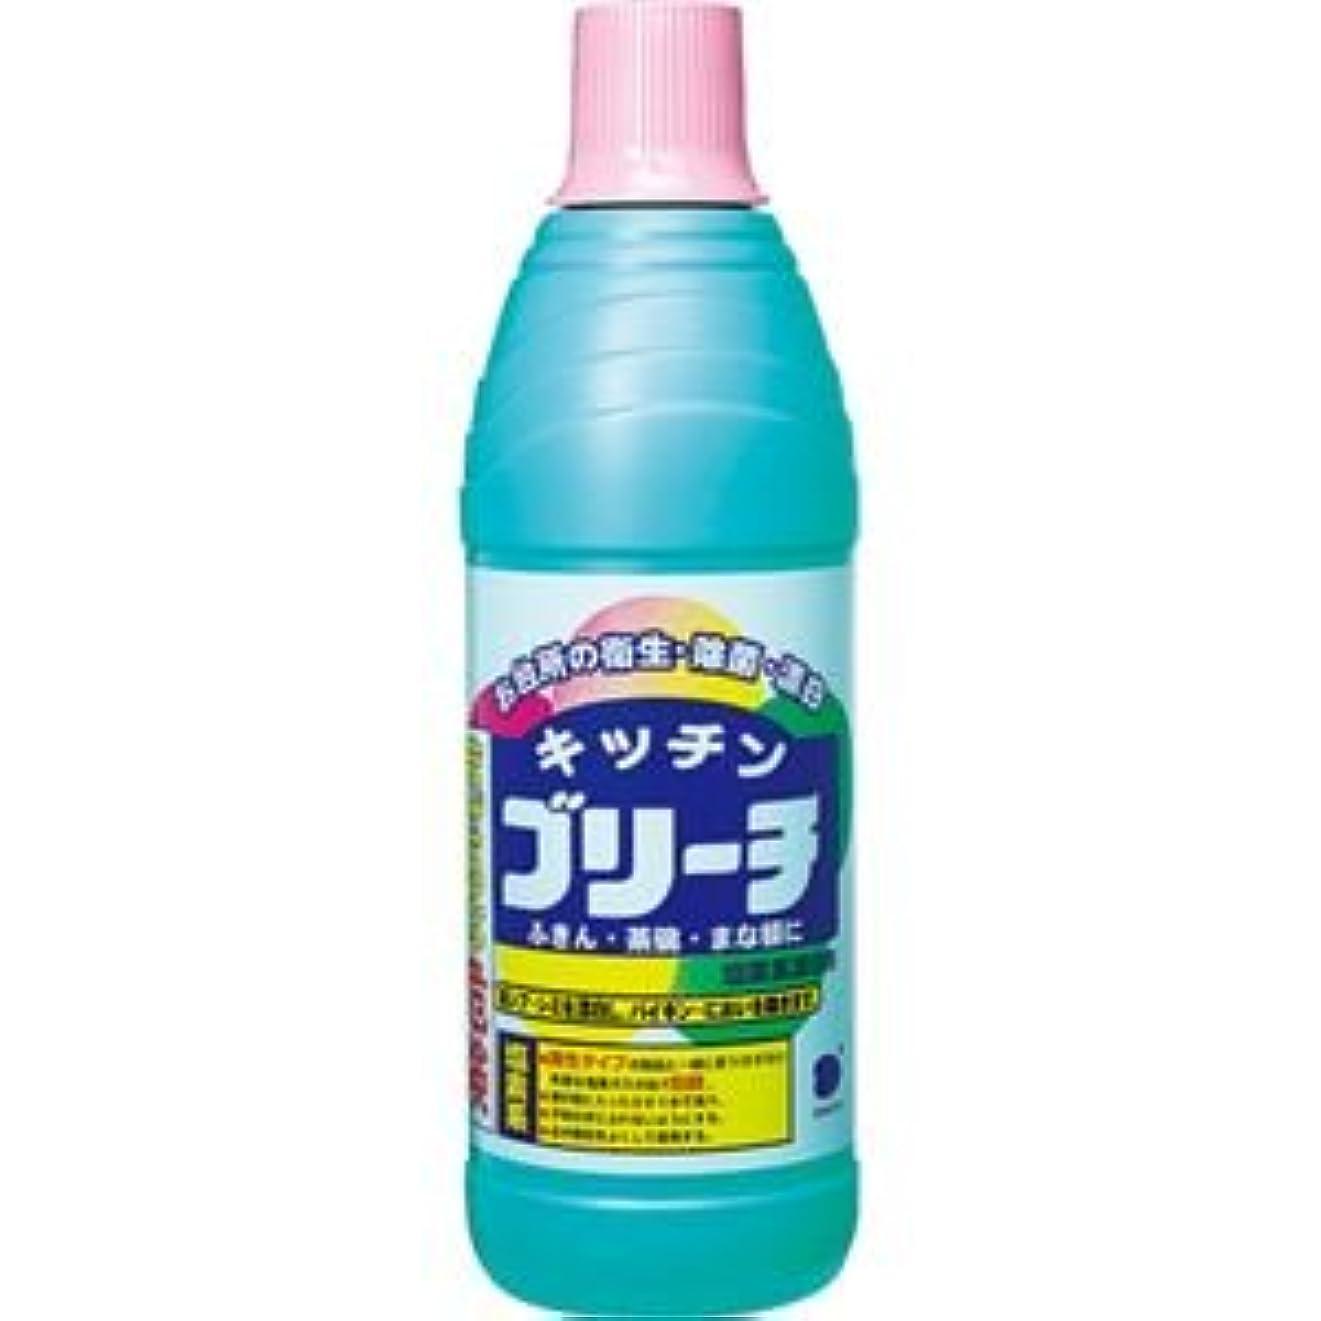 発生する絡まるずるい(まとめ) 第一石鹸 キッチンブリーチ 600ml 1本 【×40セット】